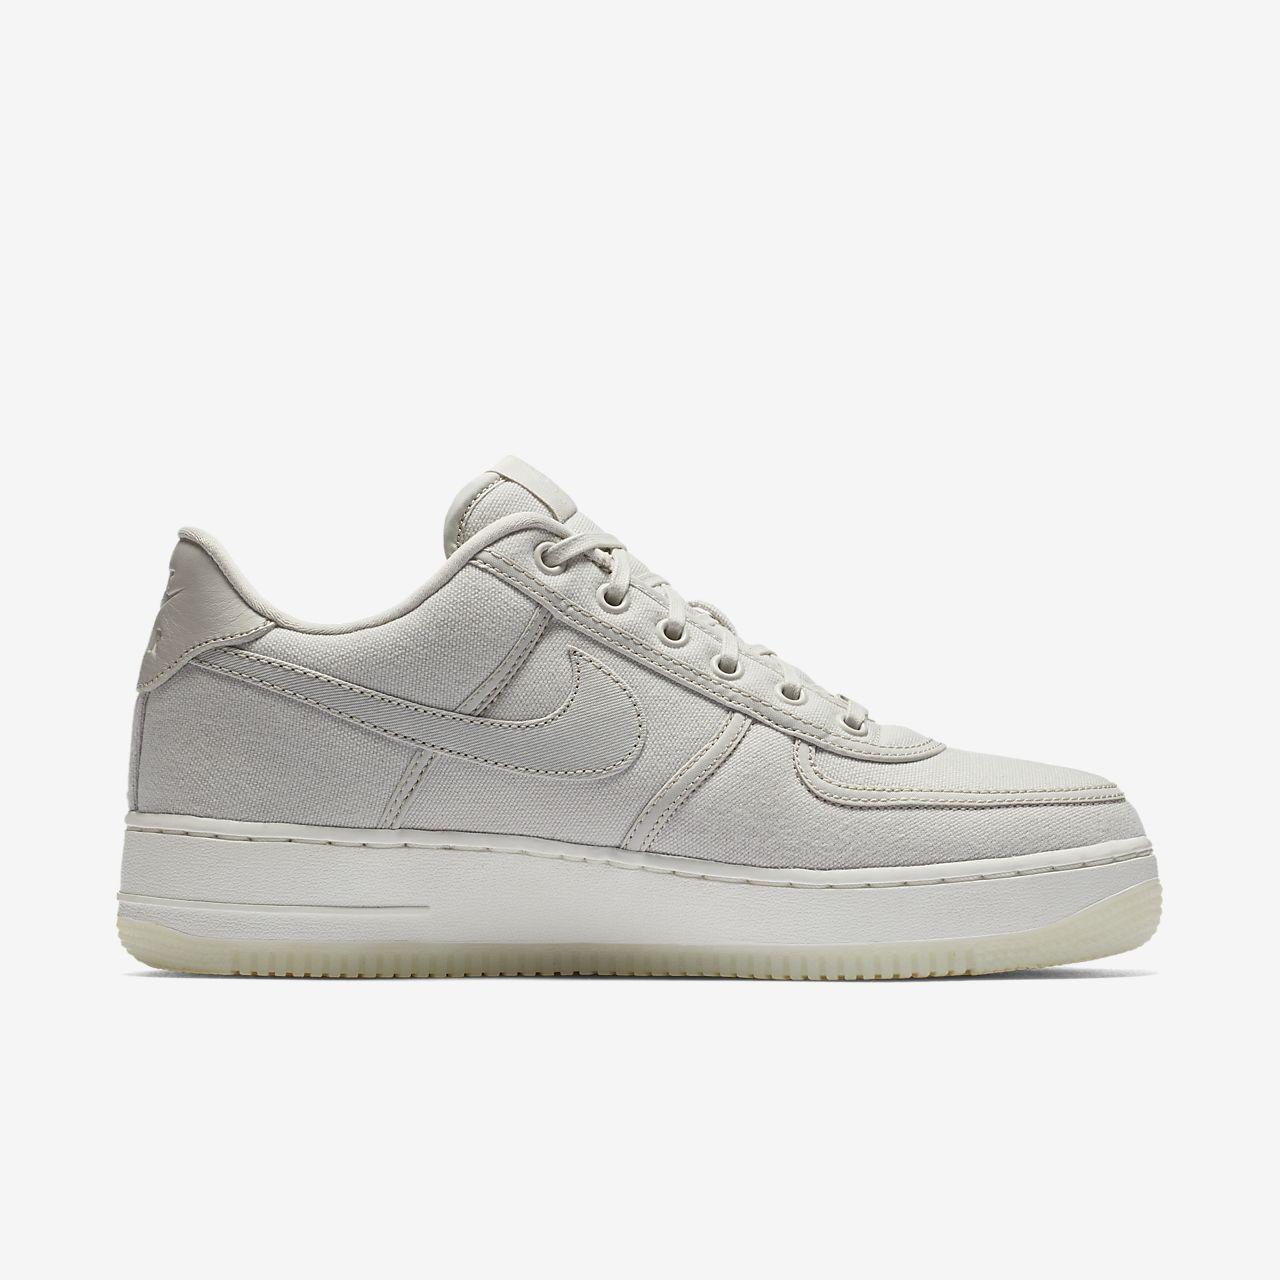 buy online b26e2 1d561 ... Nike Air Force 1 Low Retro QS Men s Shoe